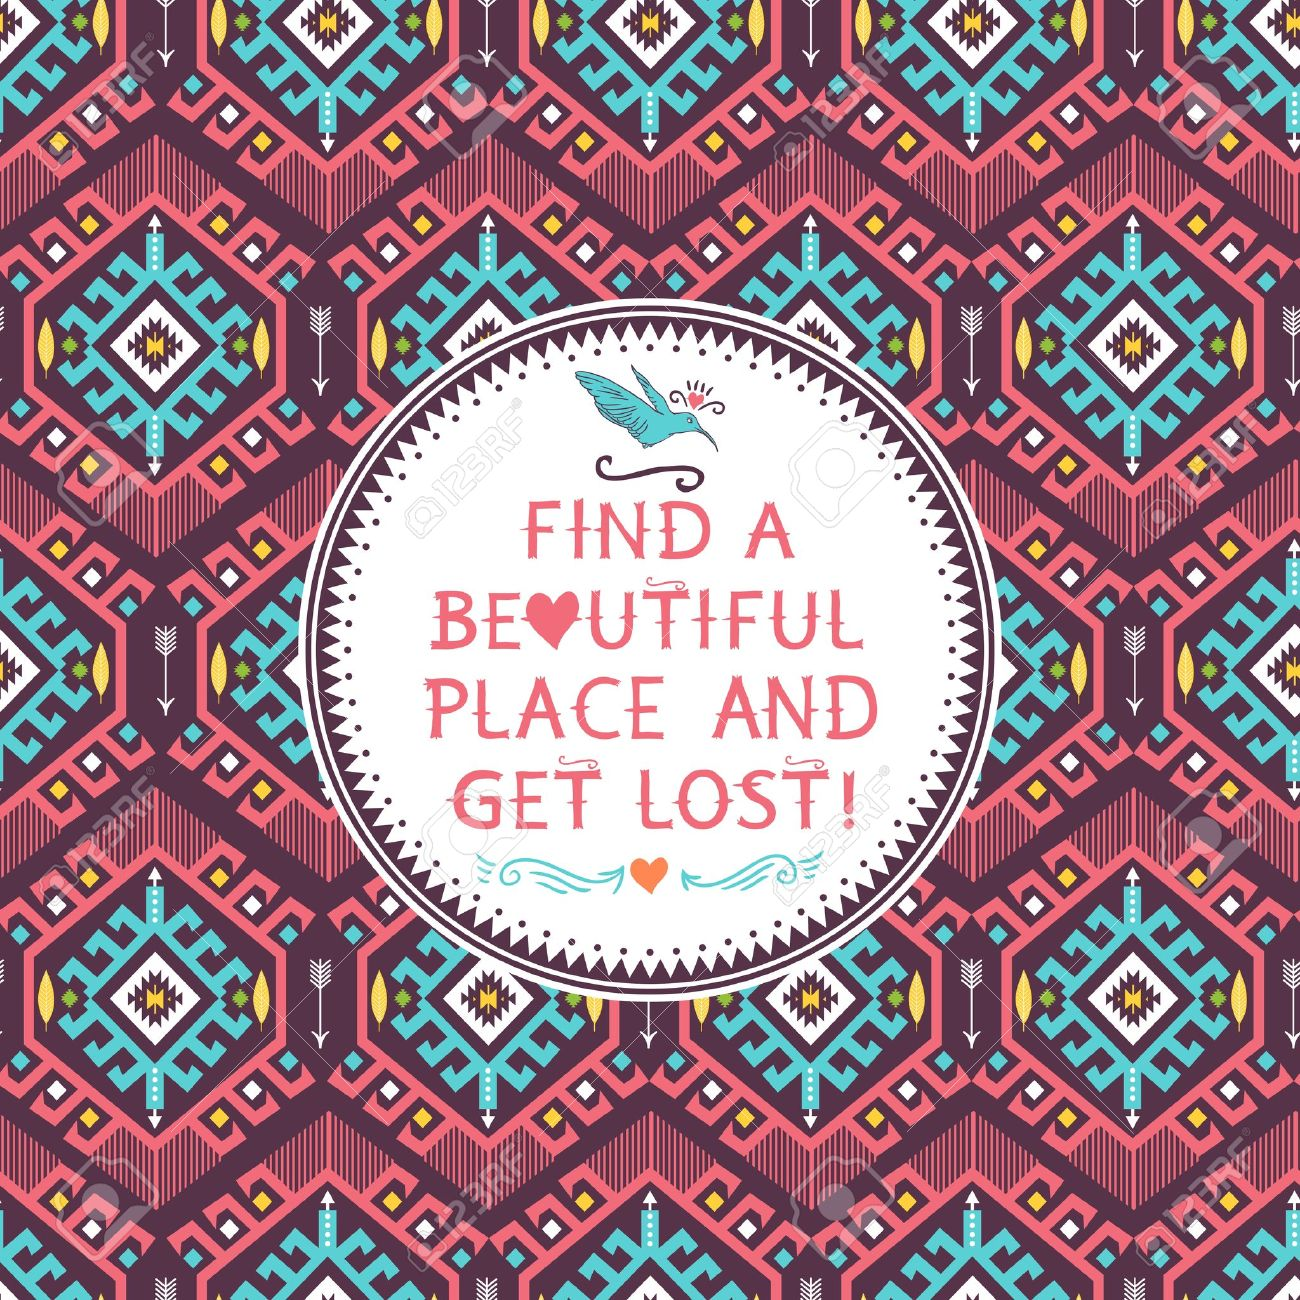 motif marocain Hippie motif tribal coloré transparente avec des éléments géométriques et cite le texte